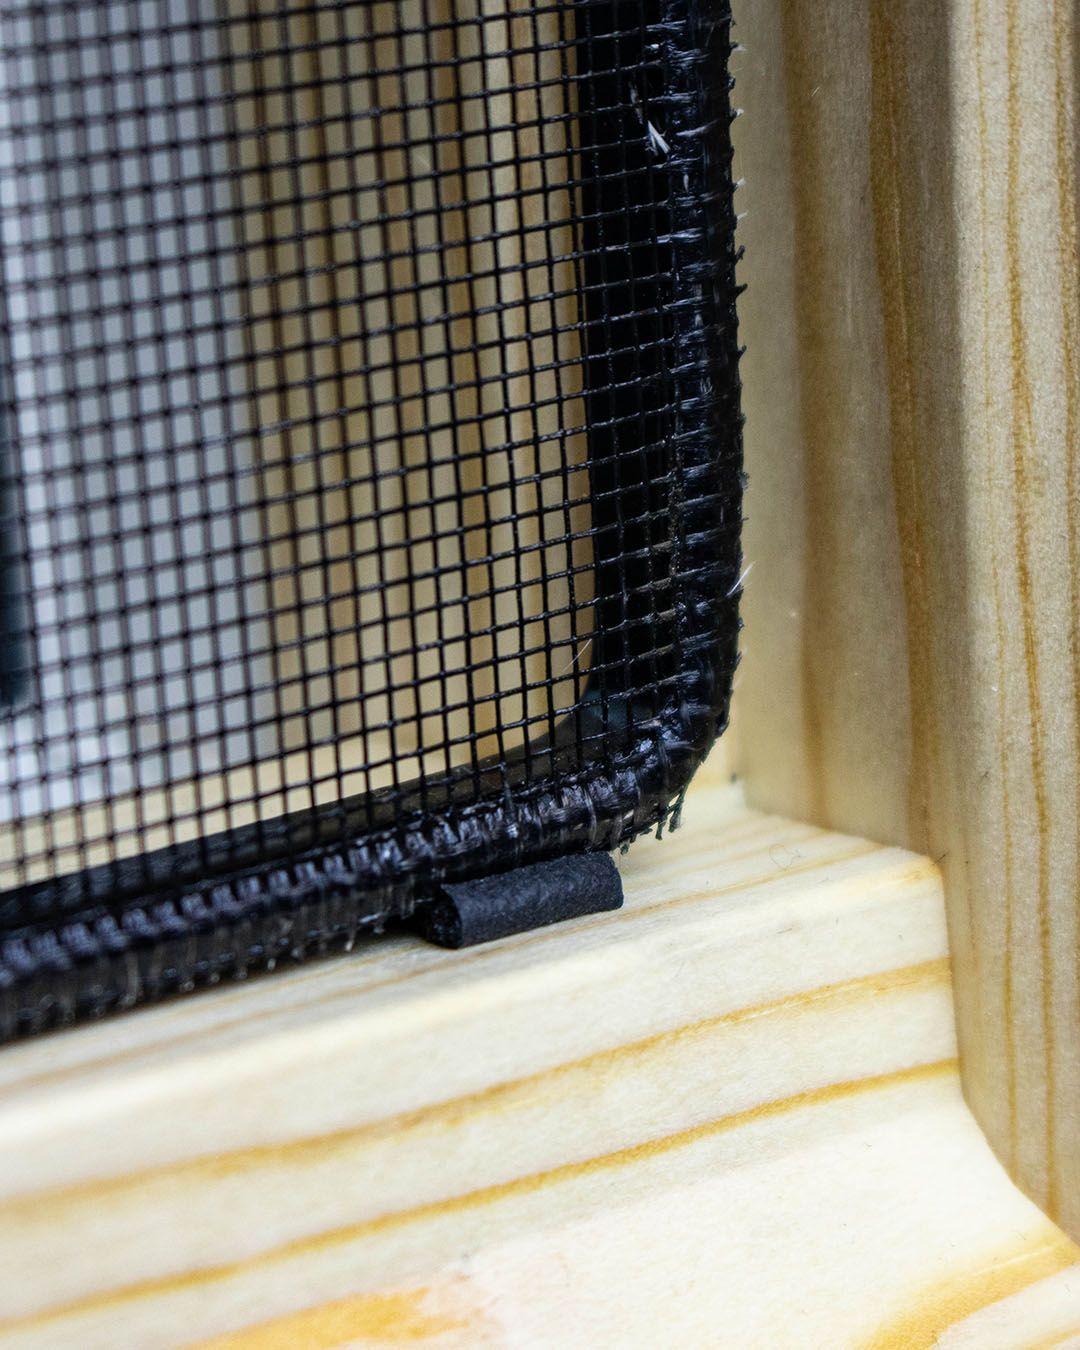 What A View Flexscreen Enjoytheview Enjoytheentireview Flexview Windowscreen Flexiblescreen Beautifullyinvisi Flexscreen Flex Screen Flexible Screen